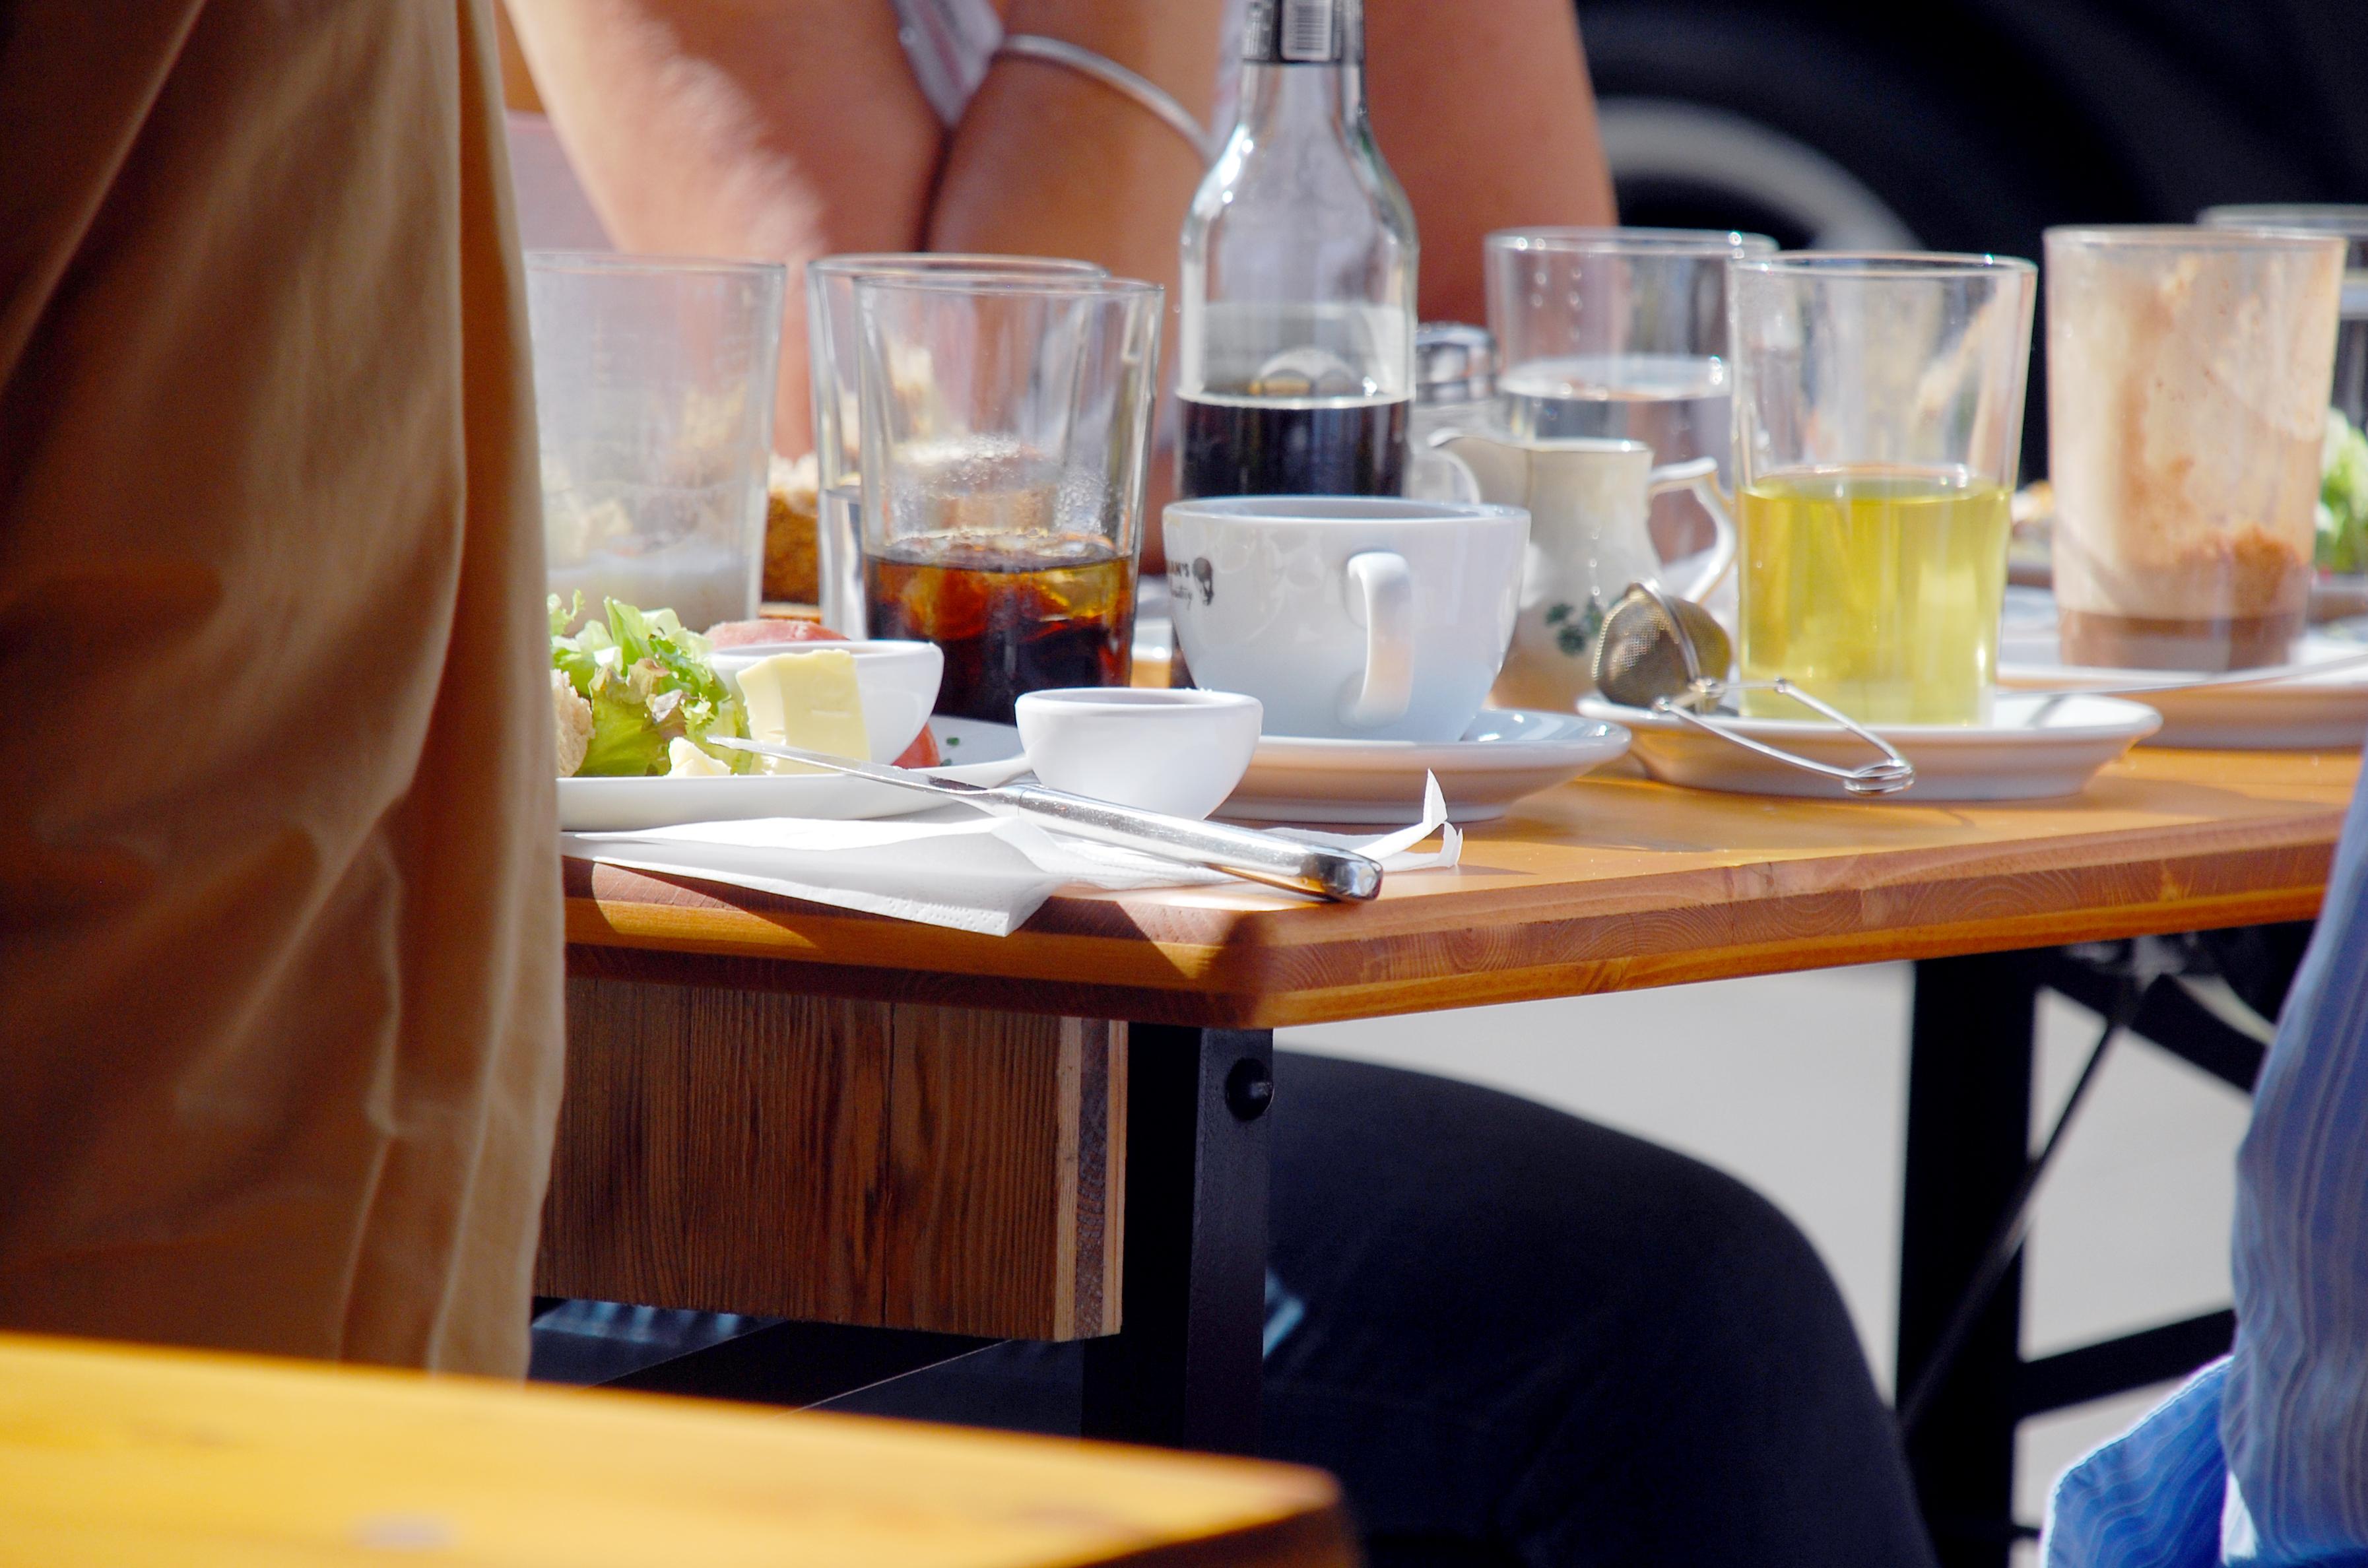 Carnet de voyage 04 hamburg klippkroog le poly dre for Carnet de voyage restaurant lyon